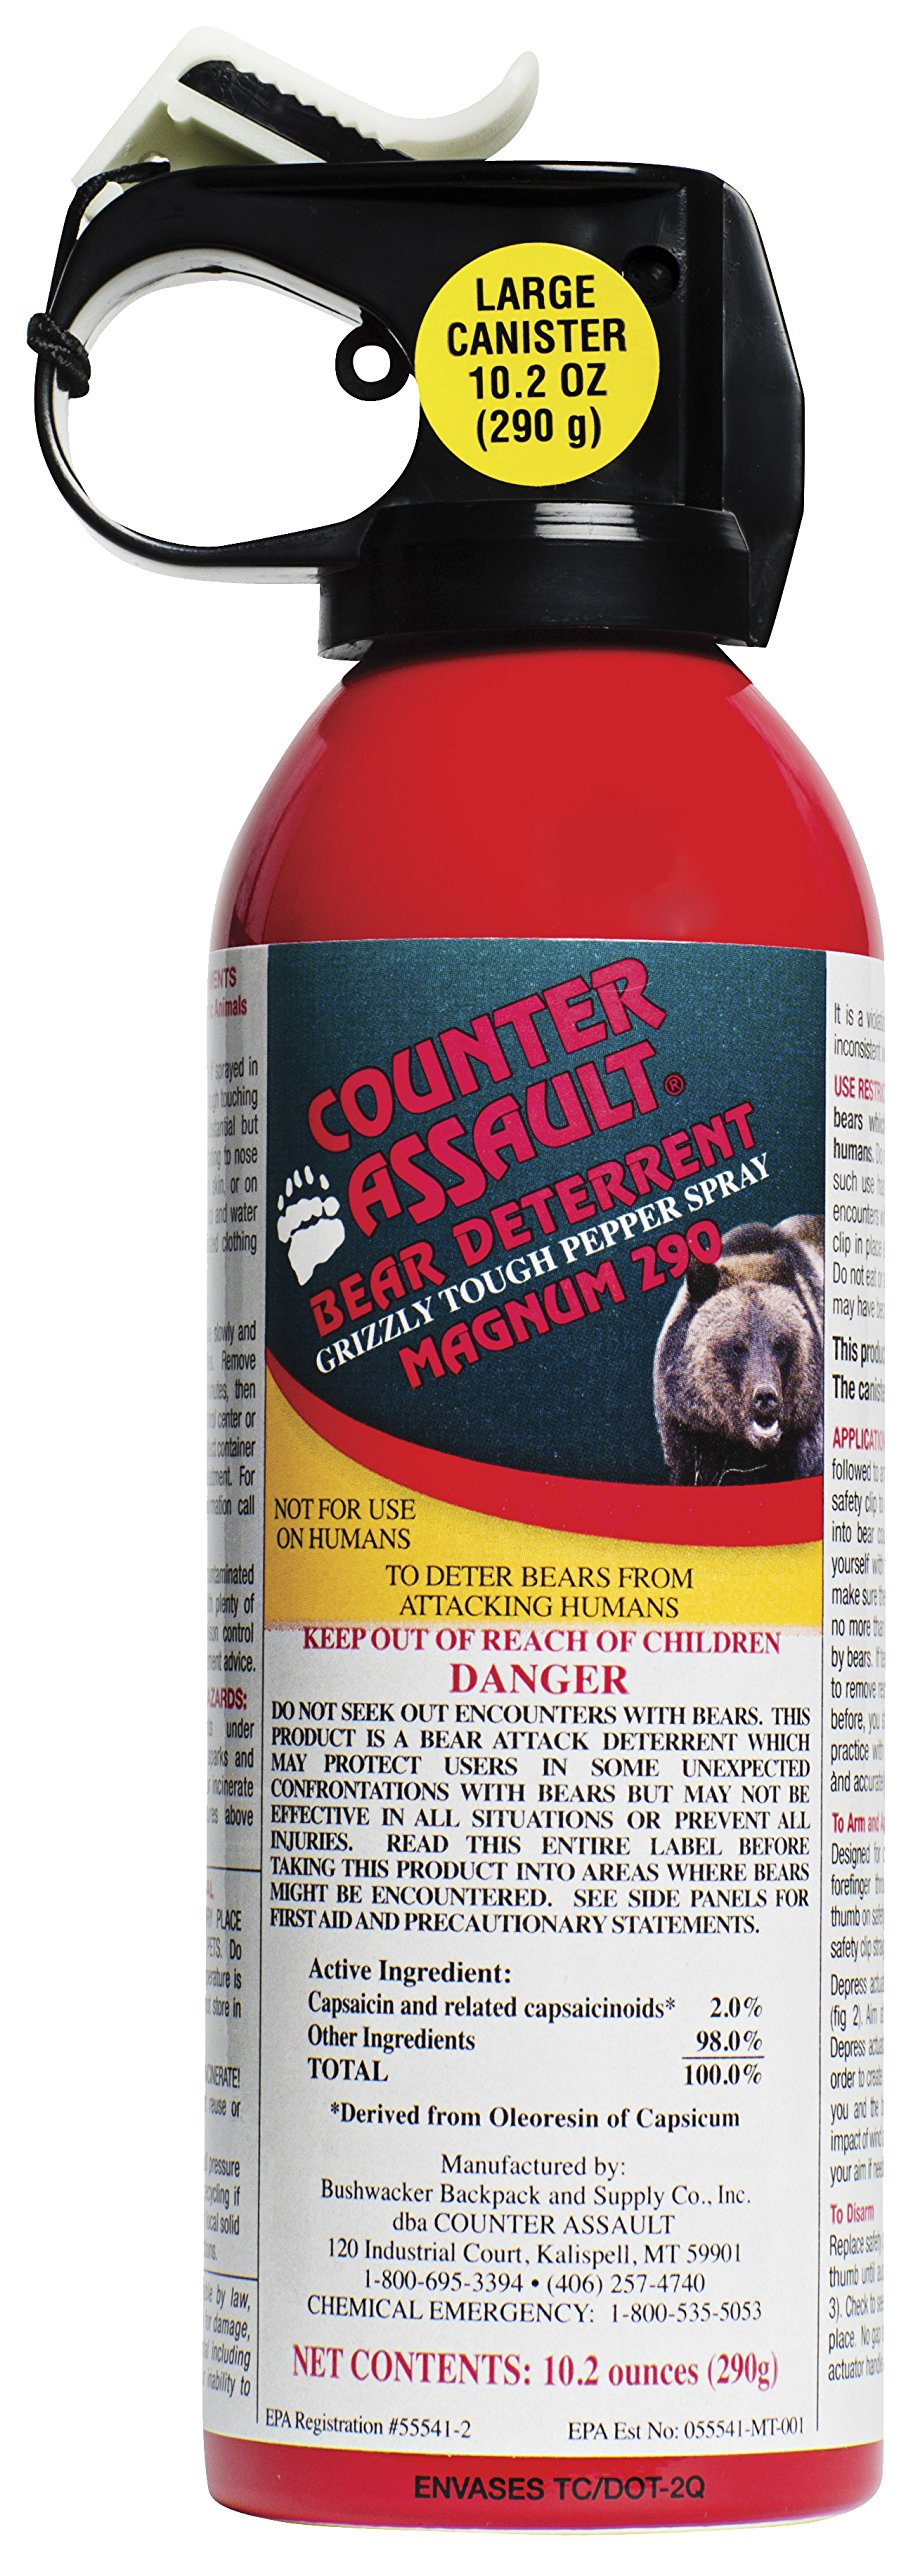 Bear Deterrent 10.2 oz Net Content (290g)